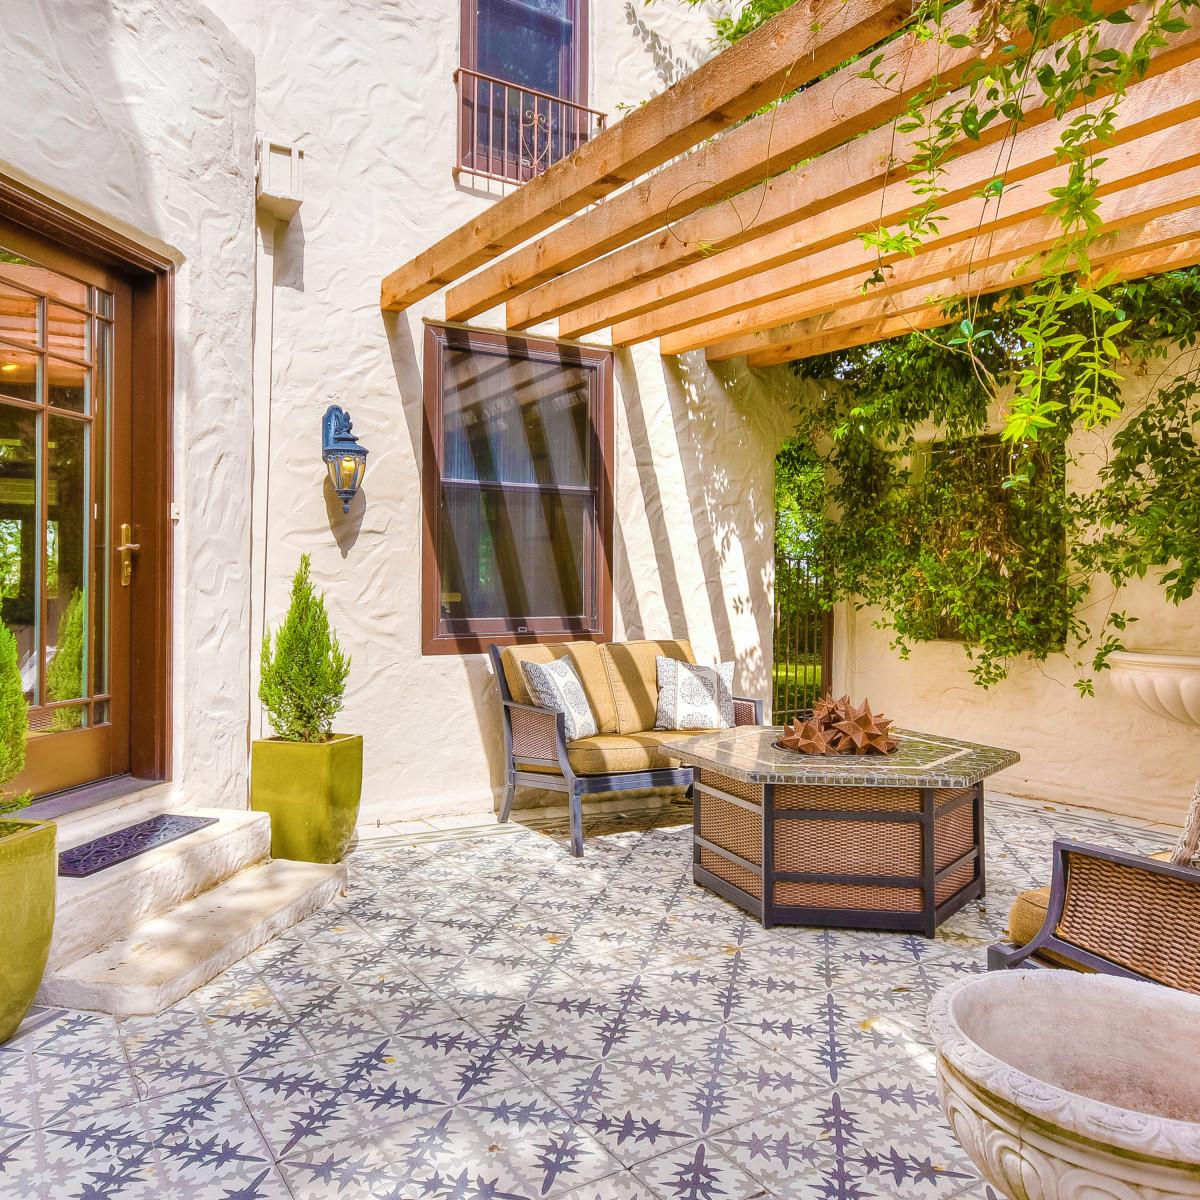 141 Cloverleaf San Antonio house for sale patio